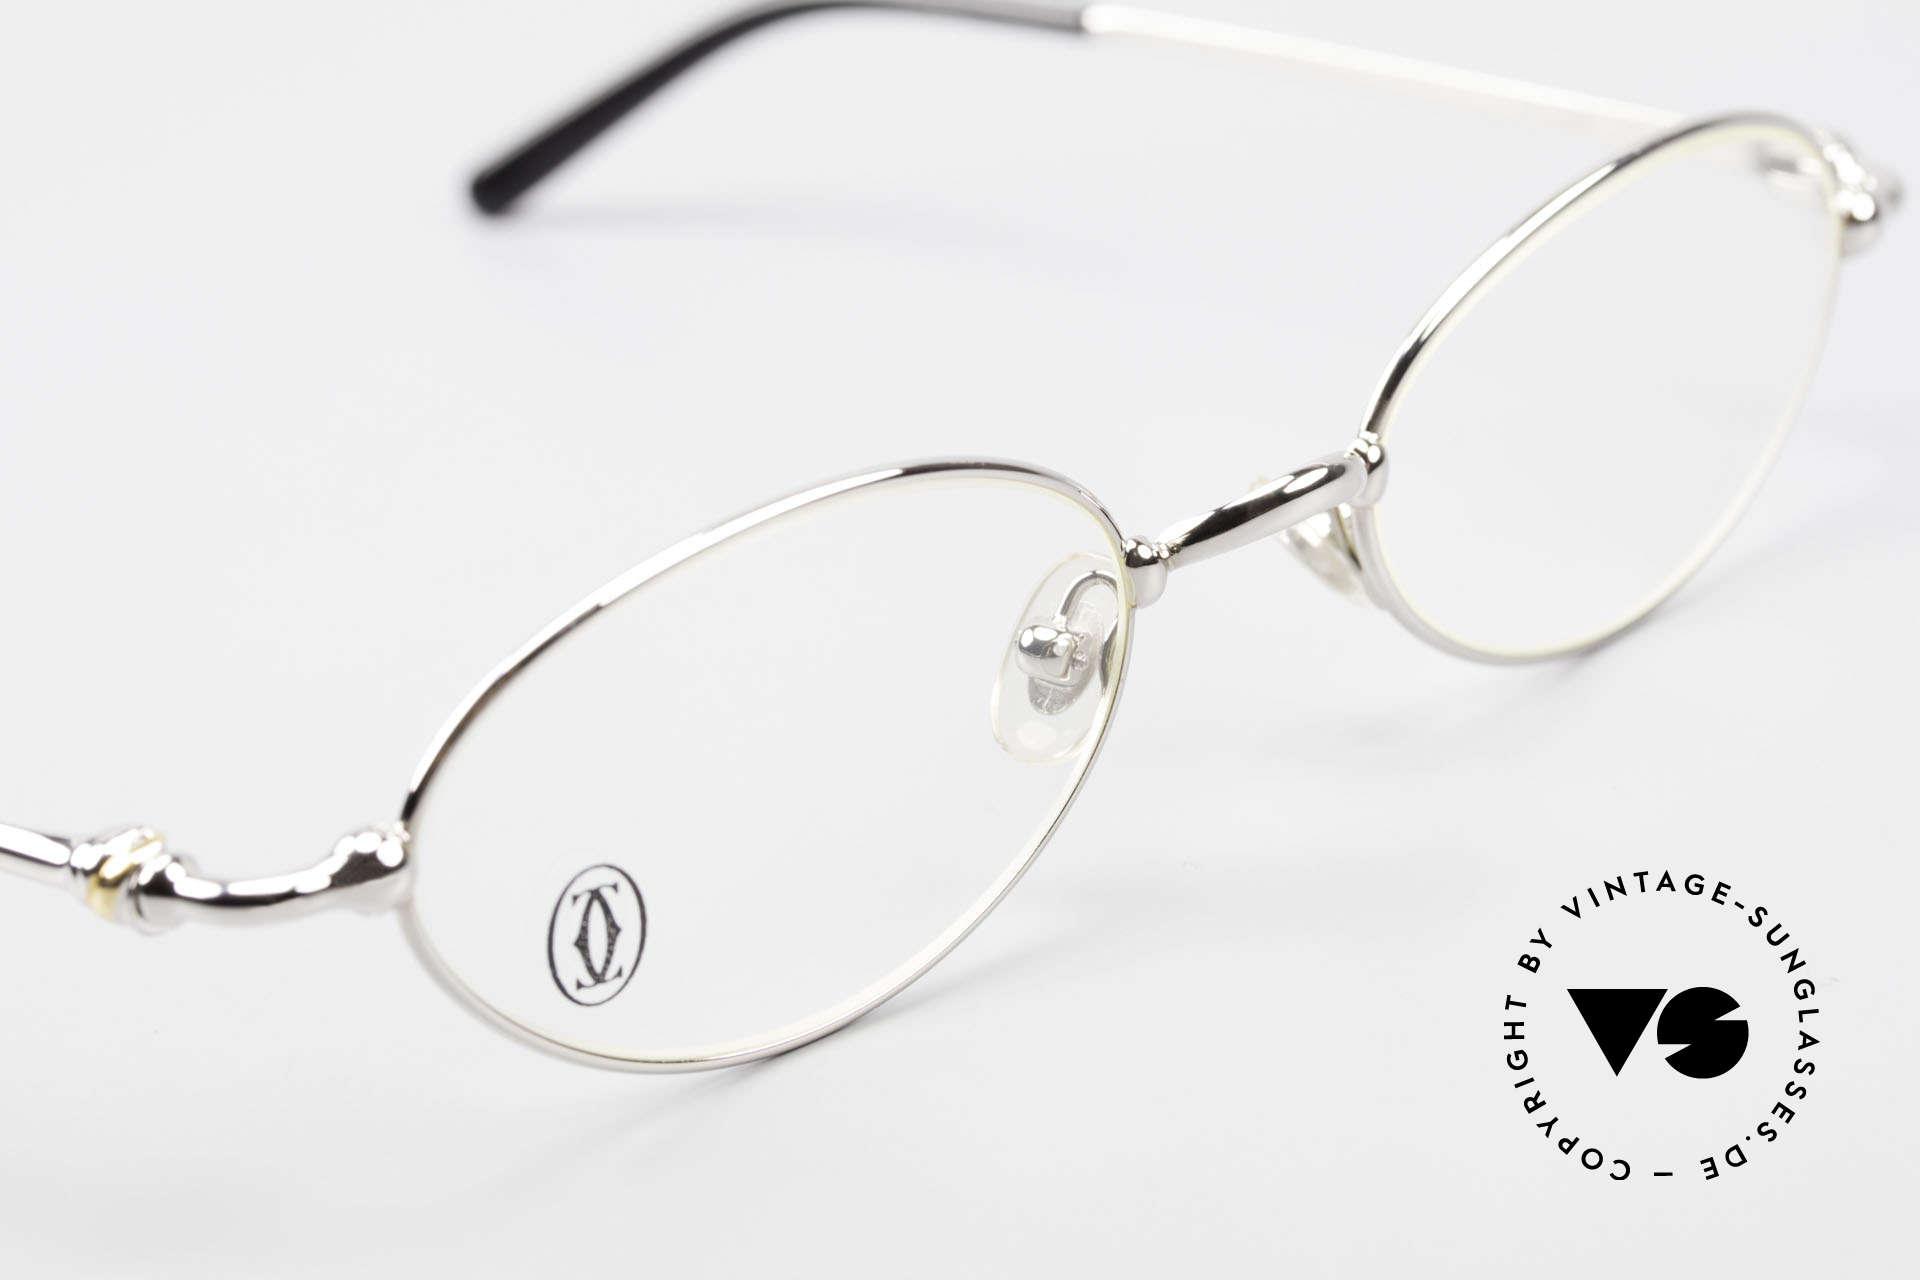 Cartier Mizar Oval Frame Luxury Platinum, NO retro eyeglasses; an old original from app. 1999!, Made for Men and Women